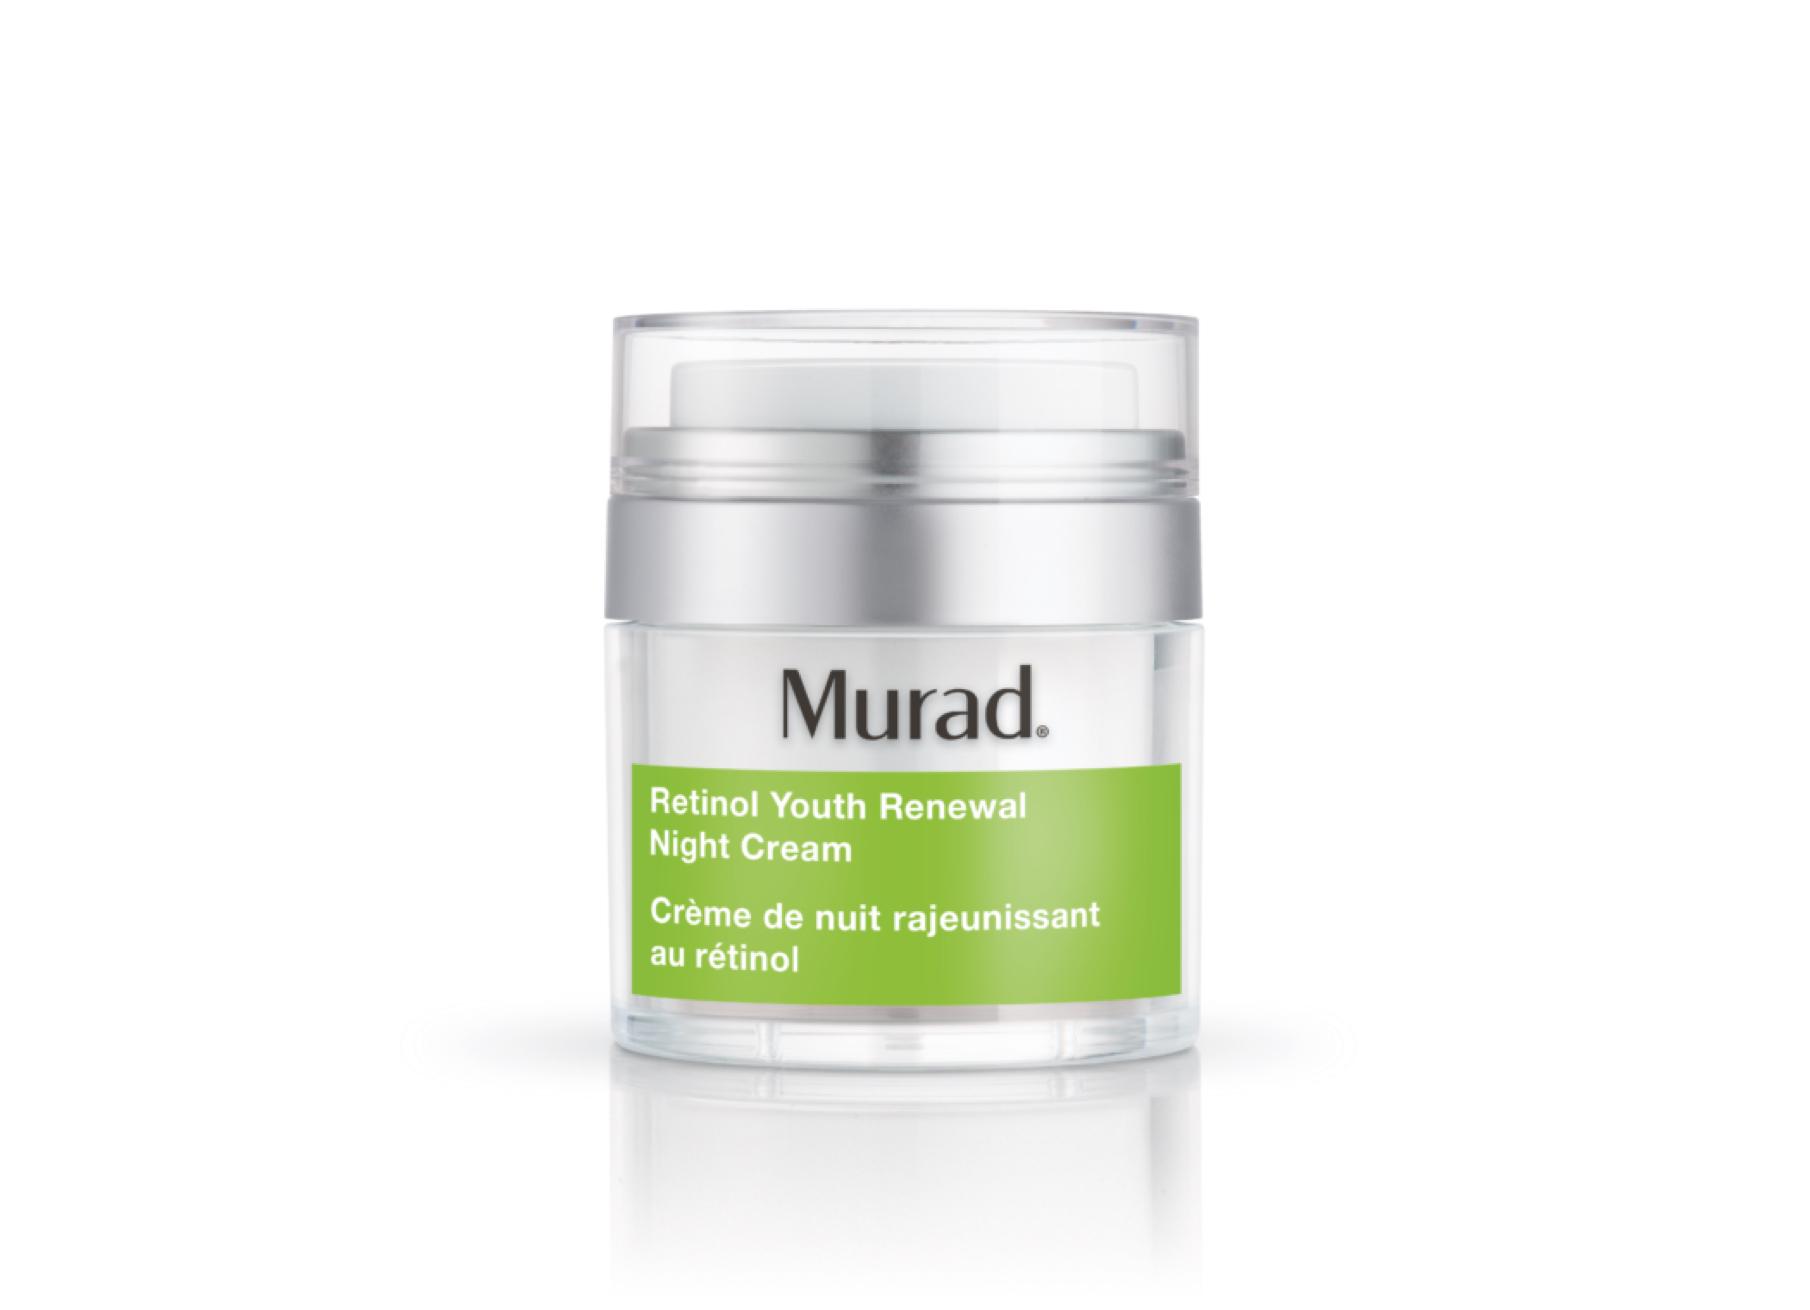 Murad Retinol Renewal Night Cream